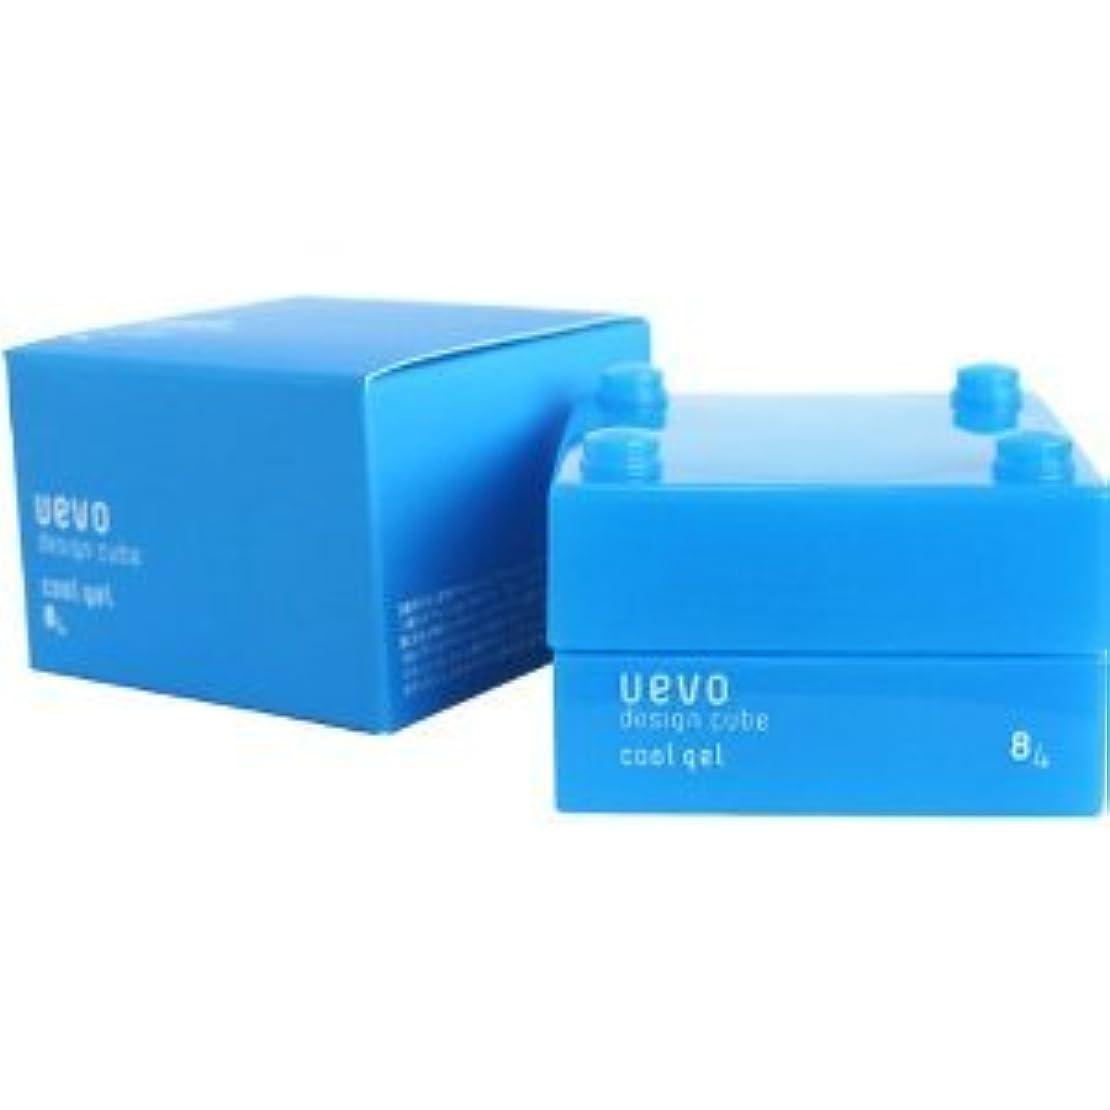 奇妙な無謀プレゼン【X2個セット】 デミ ウェーボ デザインキューブ クールジェル 30g cool gel DEMI uevo design cube